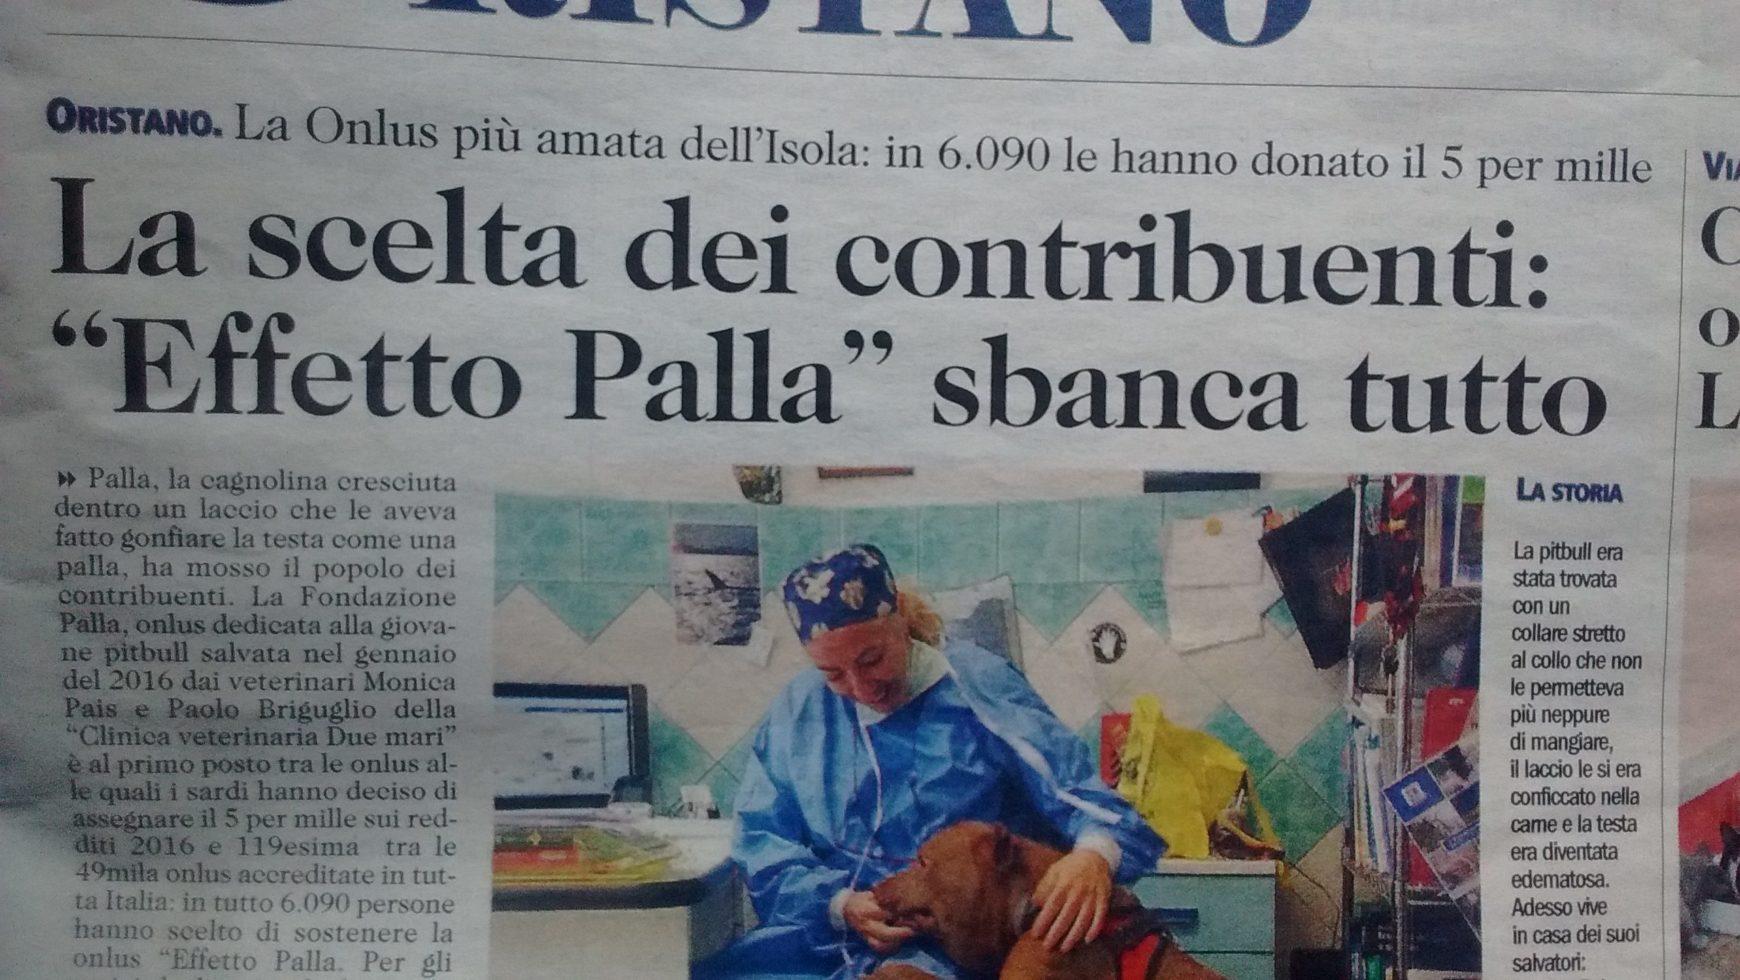 5X 1000: Effetto Palla prima Onlus in Sardegna del 2016, tra le prime 120 d'Italia